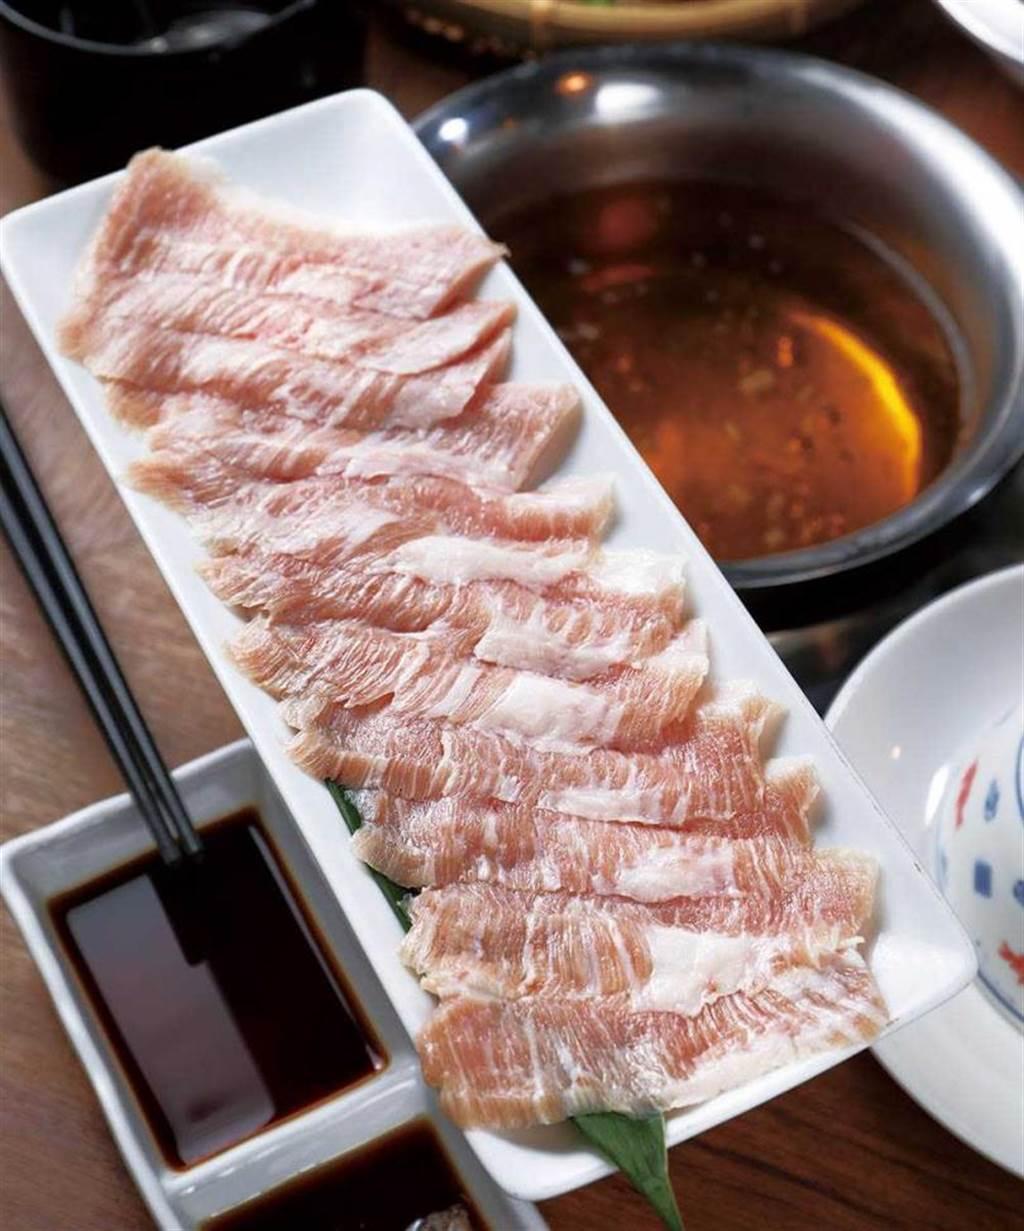 冷藏手切的「霜降松阪豬」,更能吃出Q彈爽脆的口感。(320元)(圖/于魯光攝)